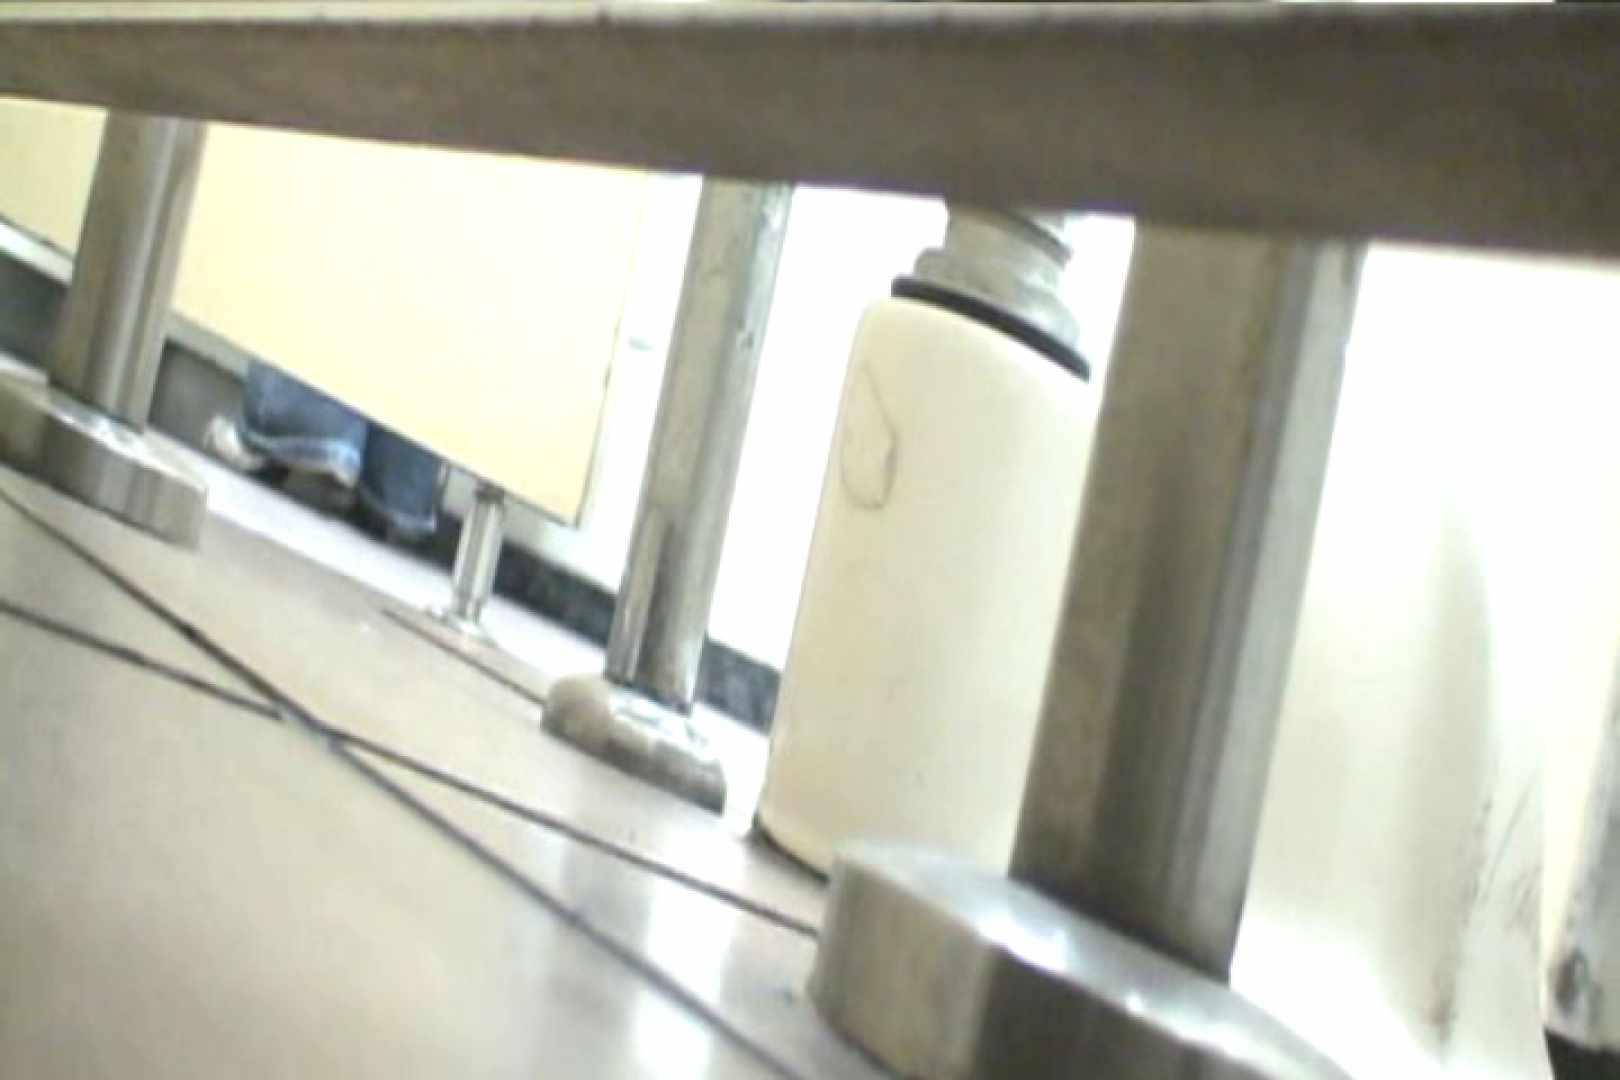 マンコ丸見え女子洗面所Vol.24 マンコ無修正 隠し撮りすけべAV動画紹介 91画像 3